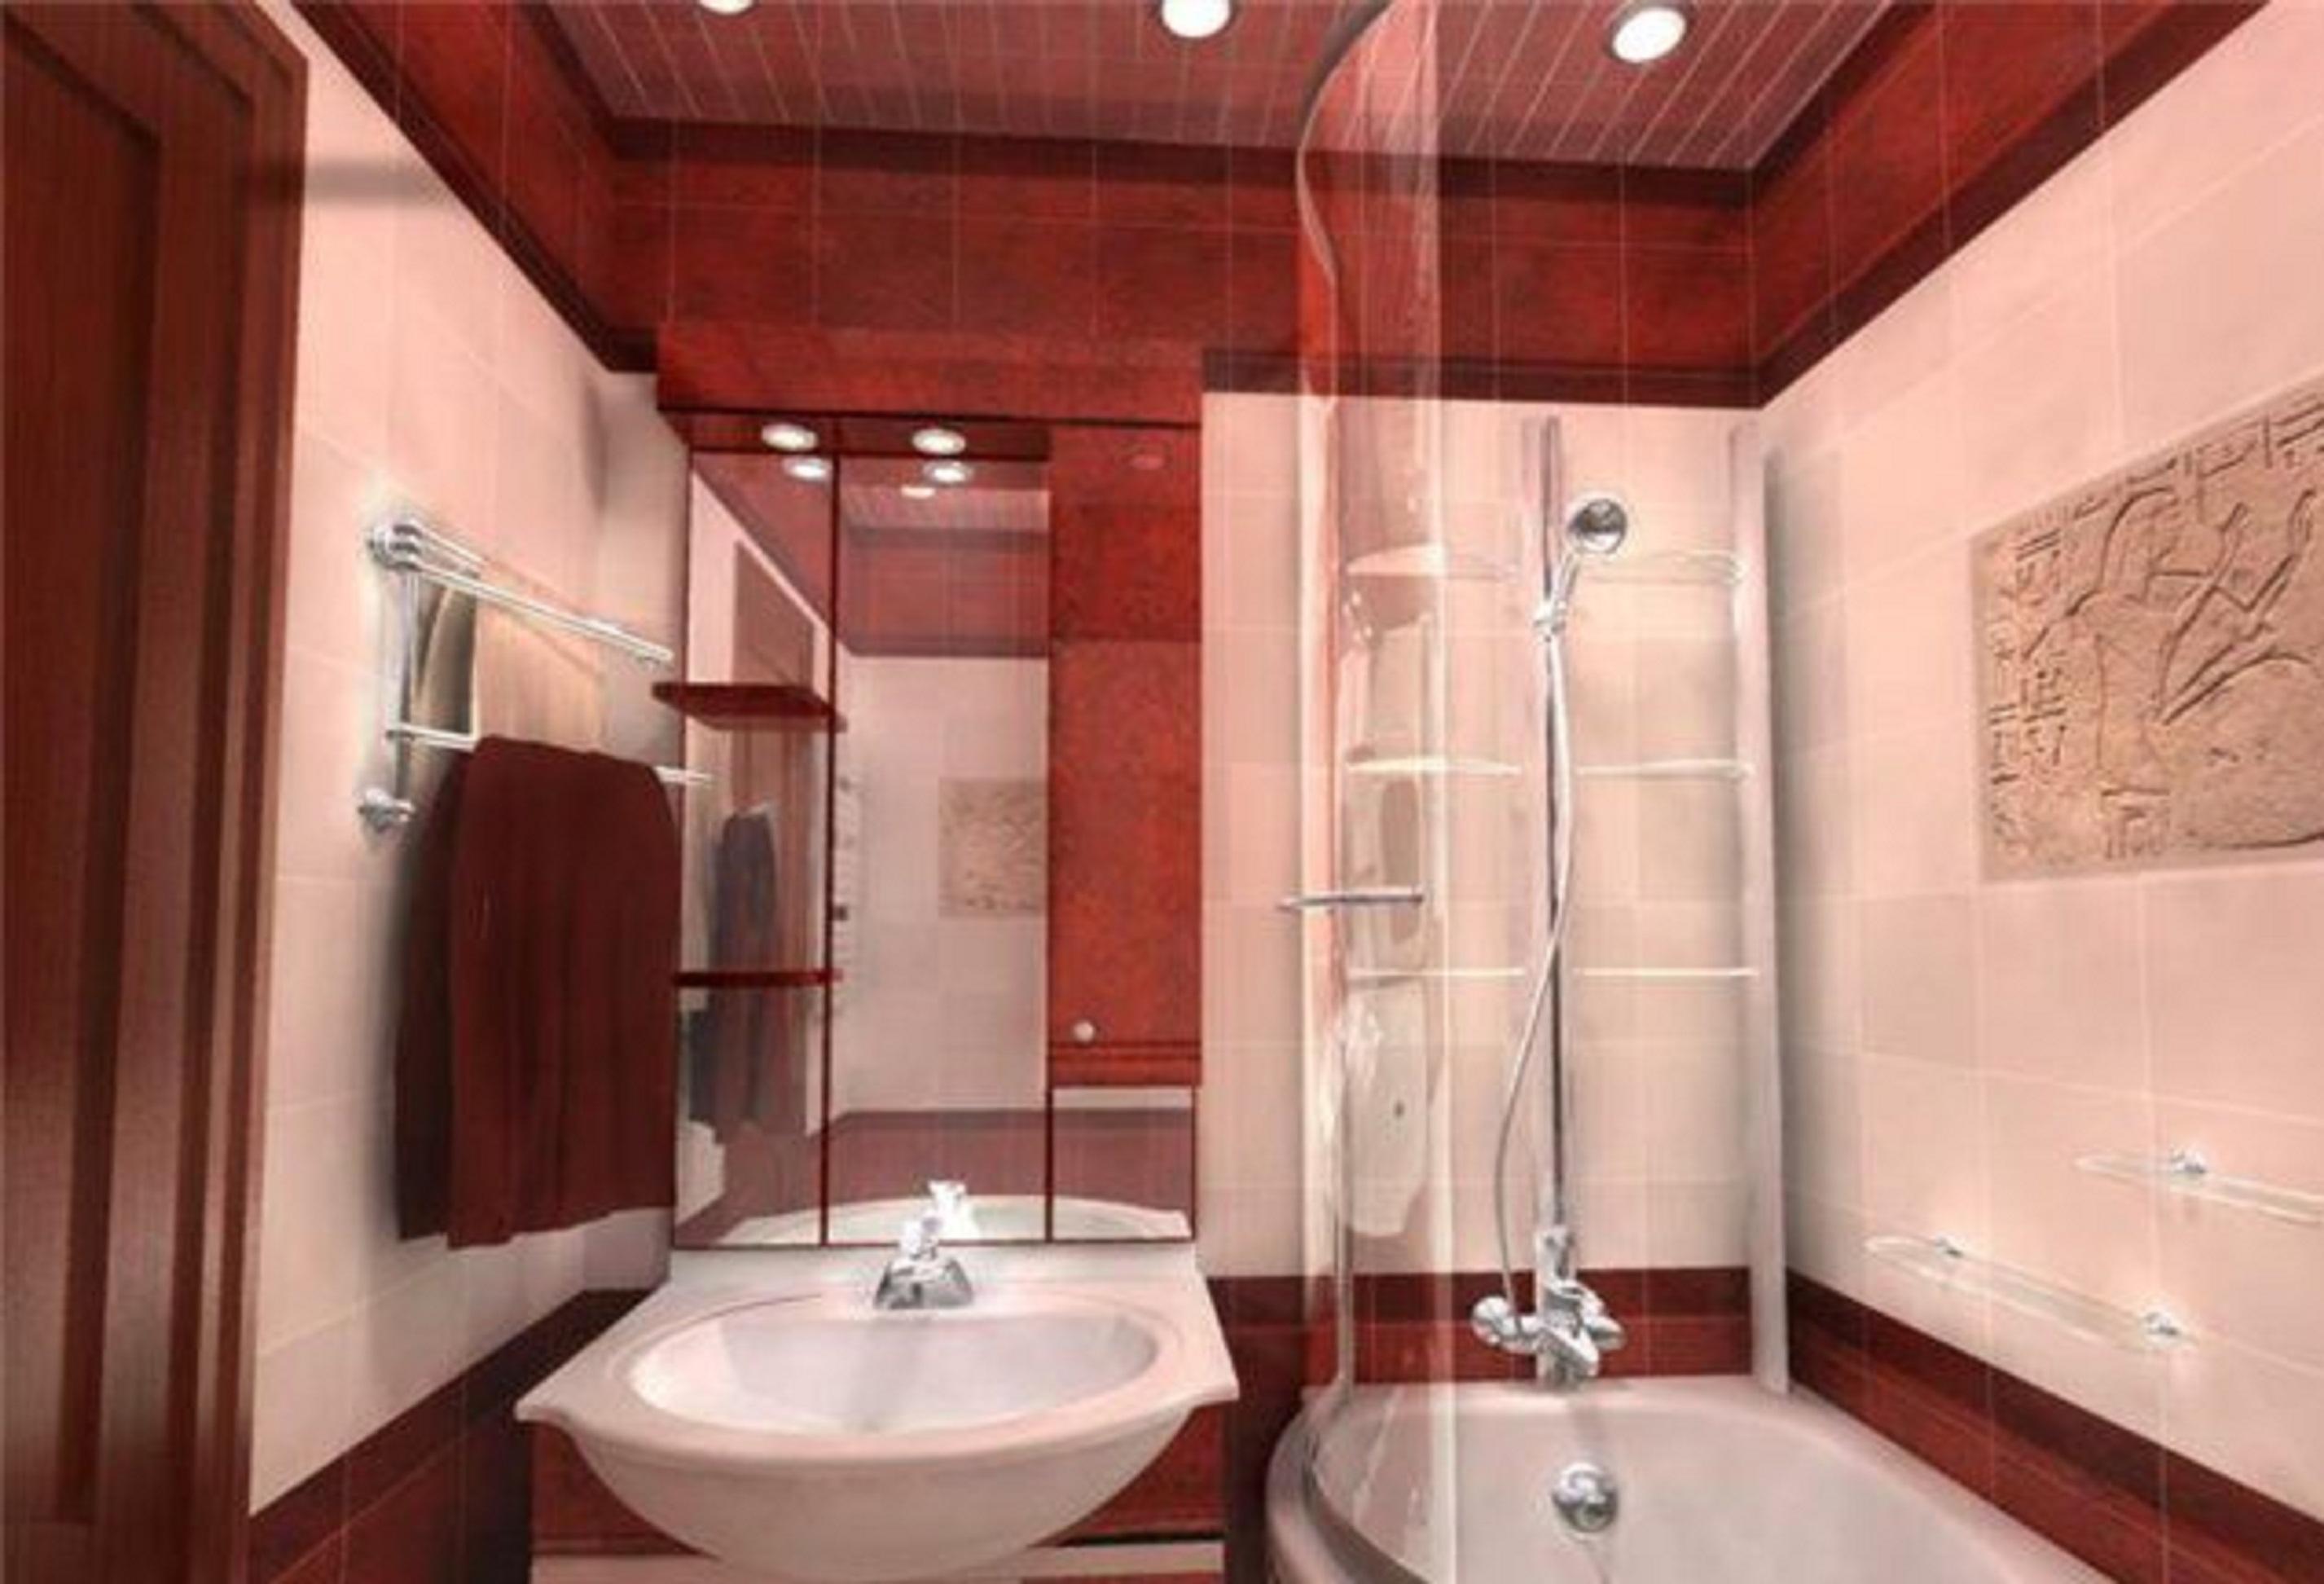 Ремонт для ванной маленькой комнаты фото дизайн